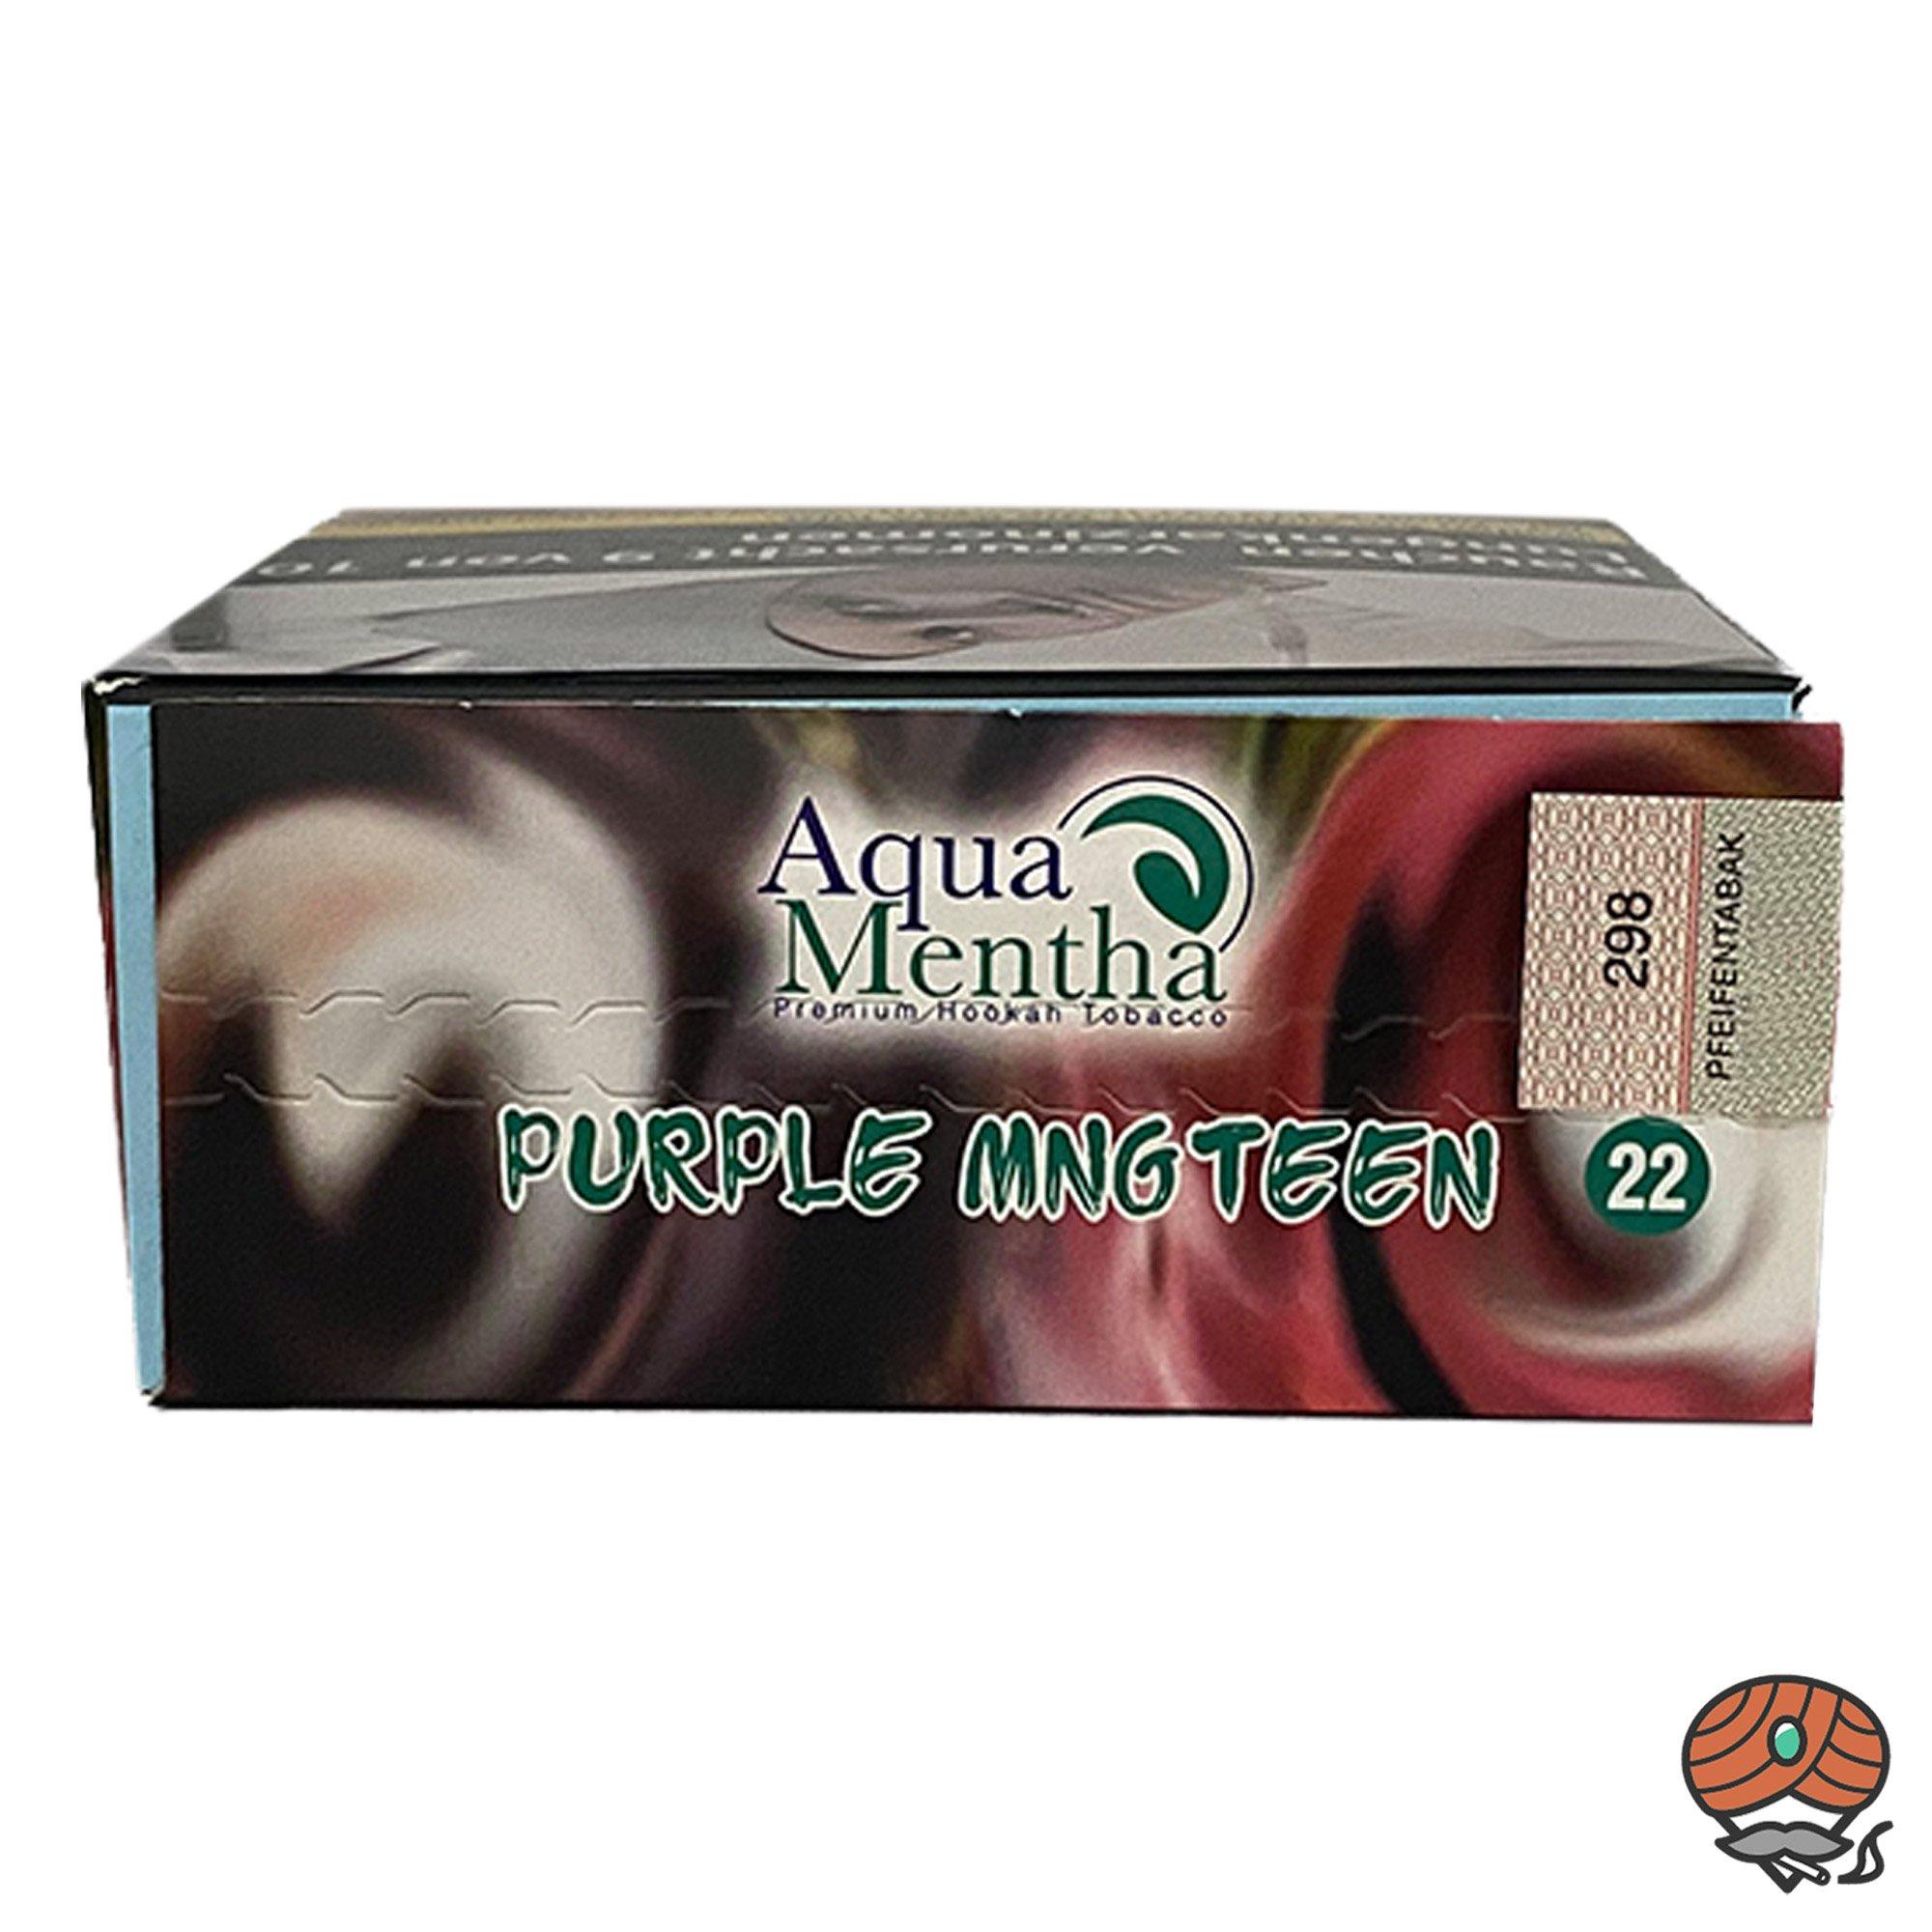 Aqua Mentha Purple Mngteen #22 200 g Shisha Tabak